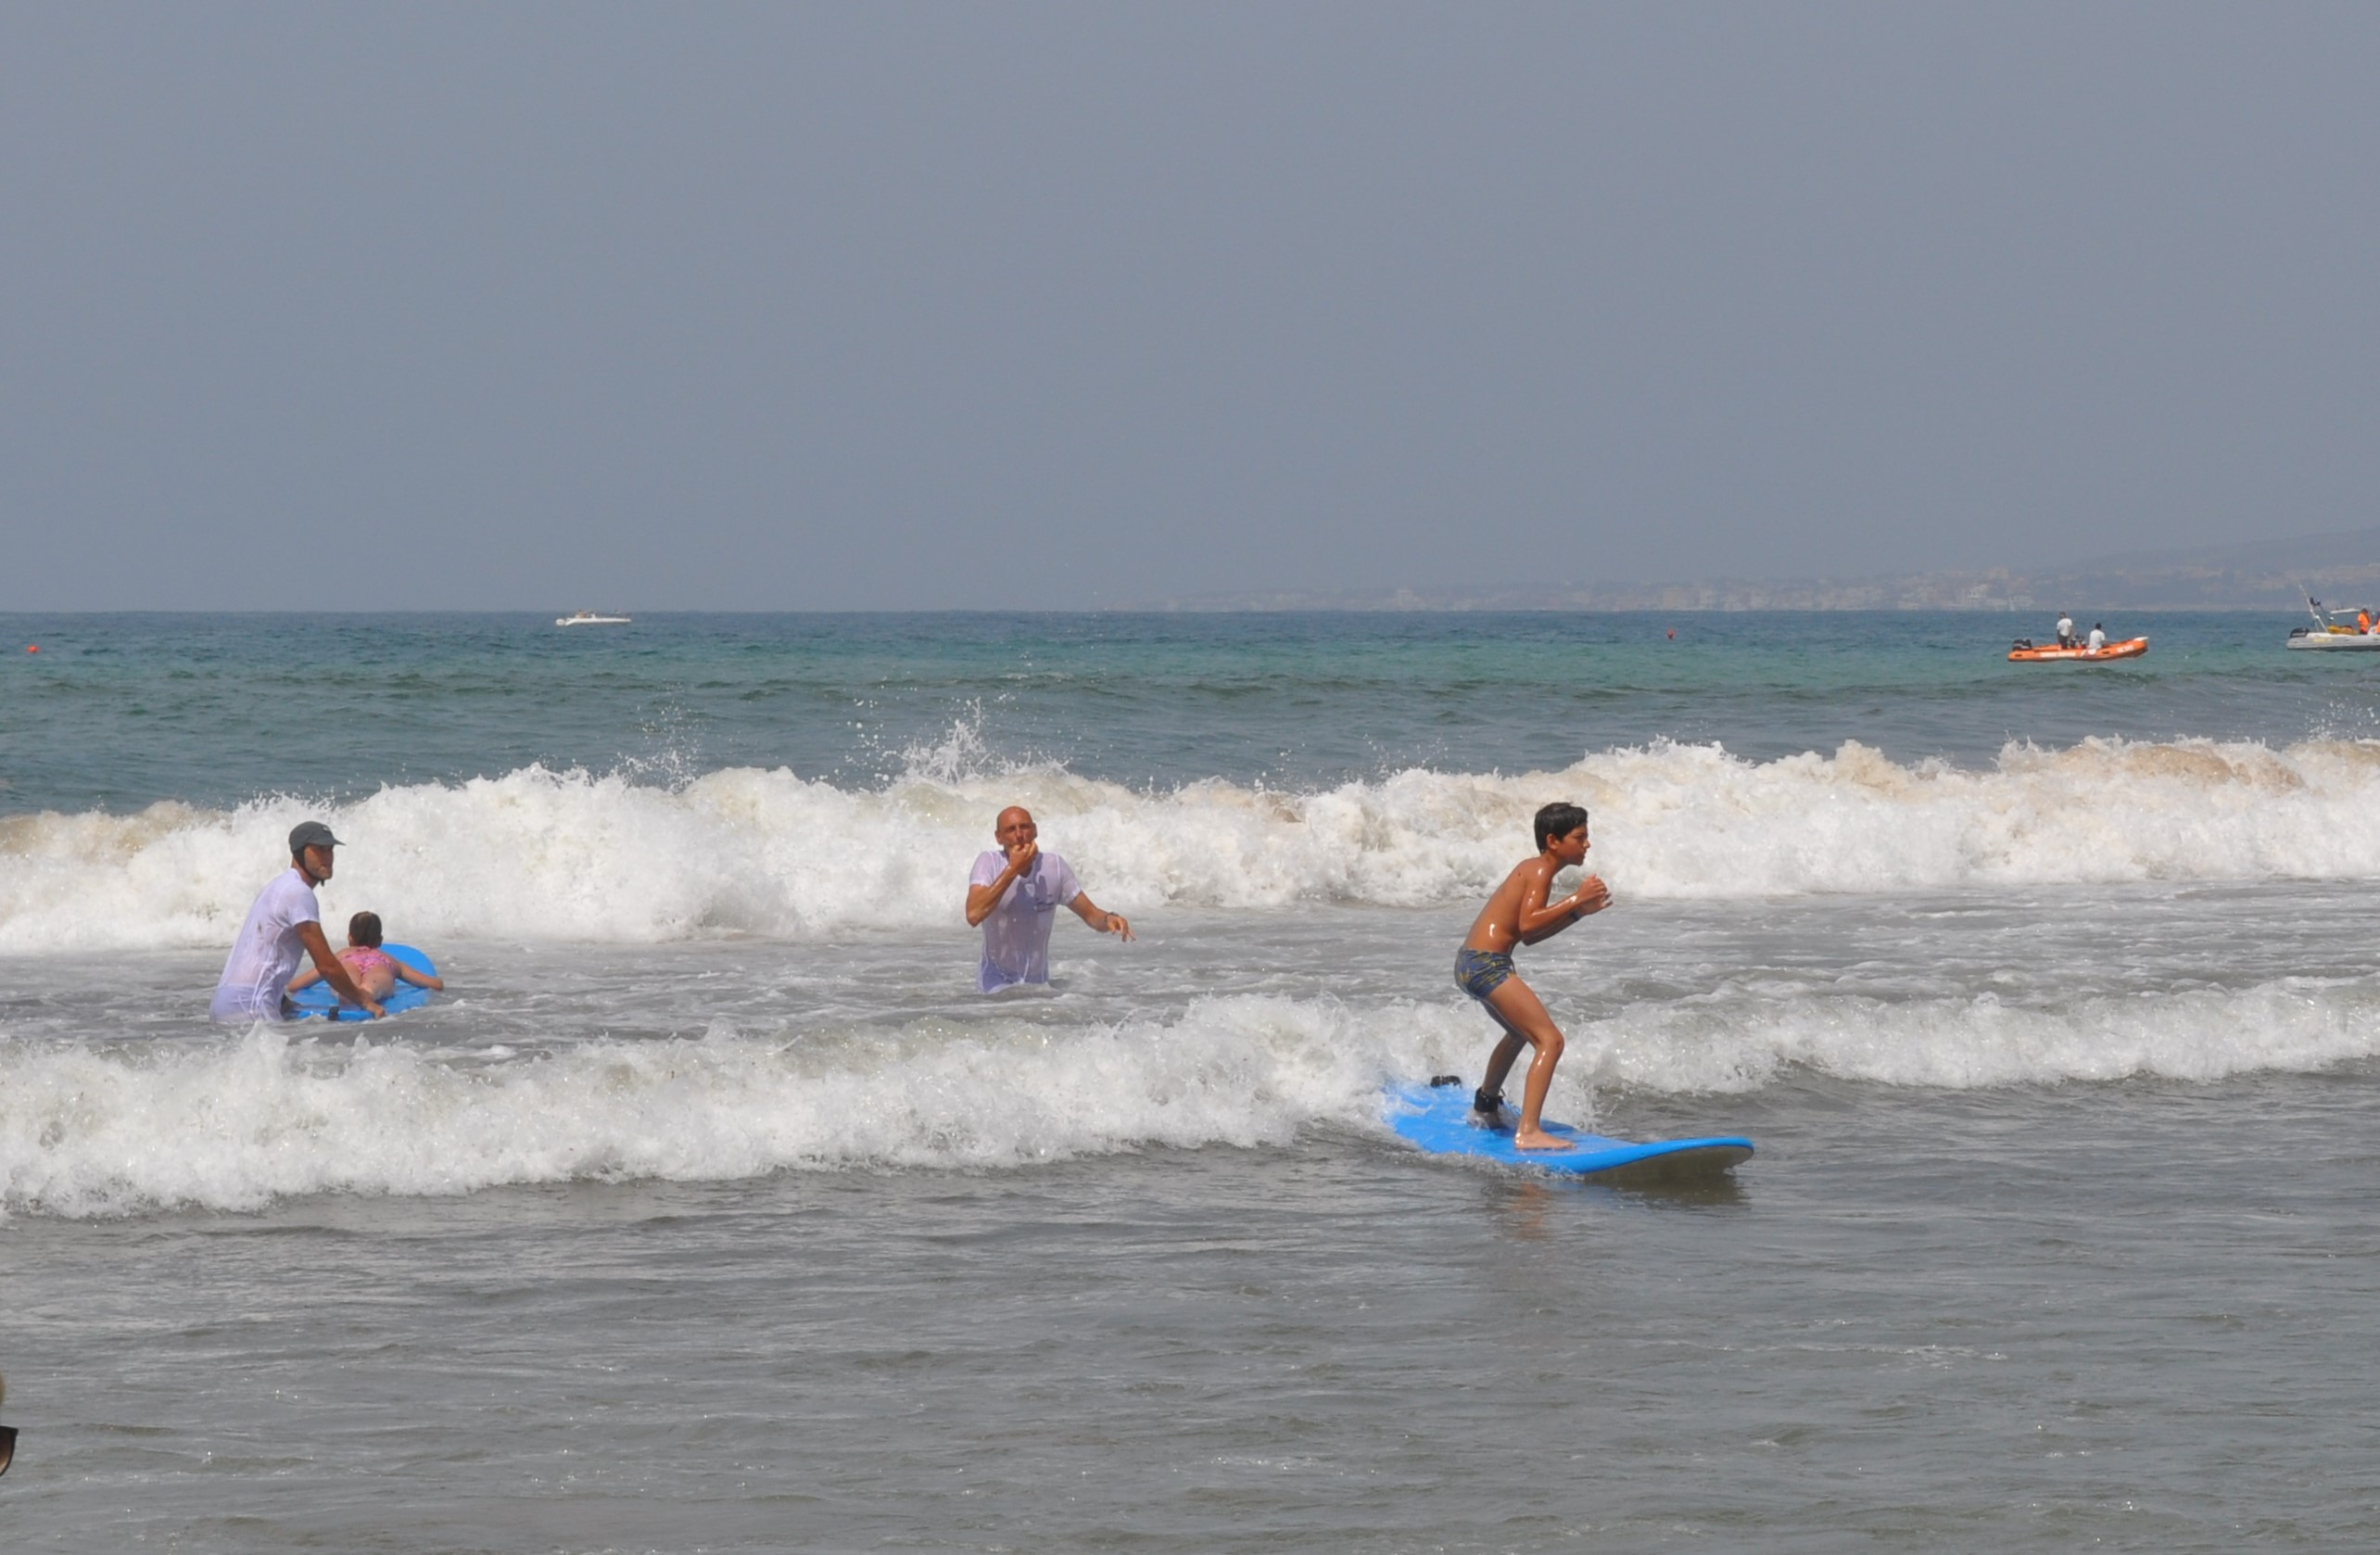 sessione di surf con ragazzo